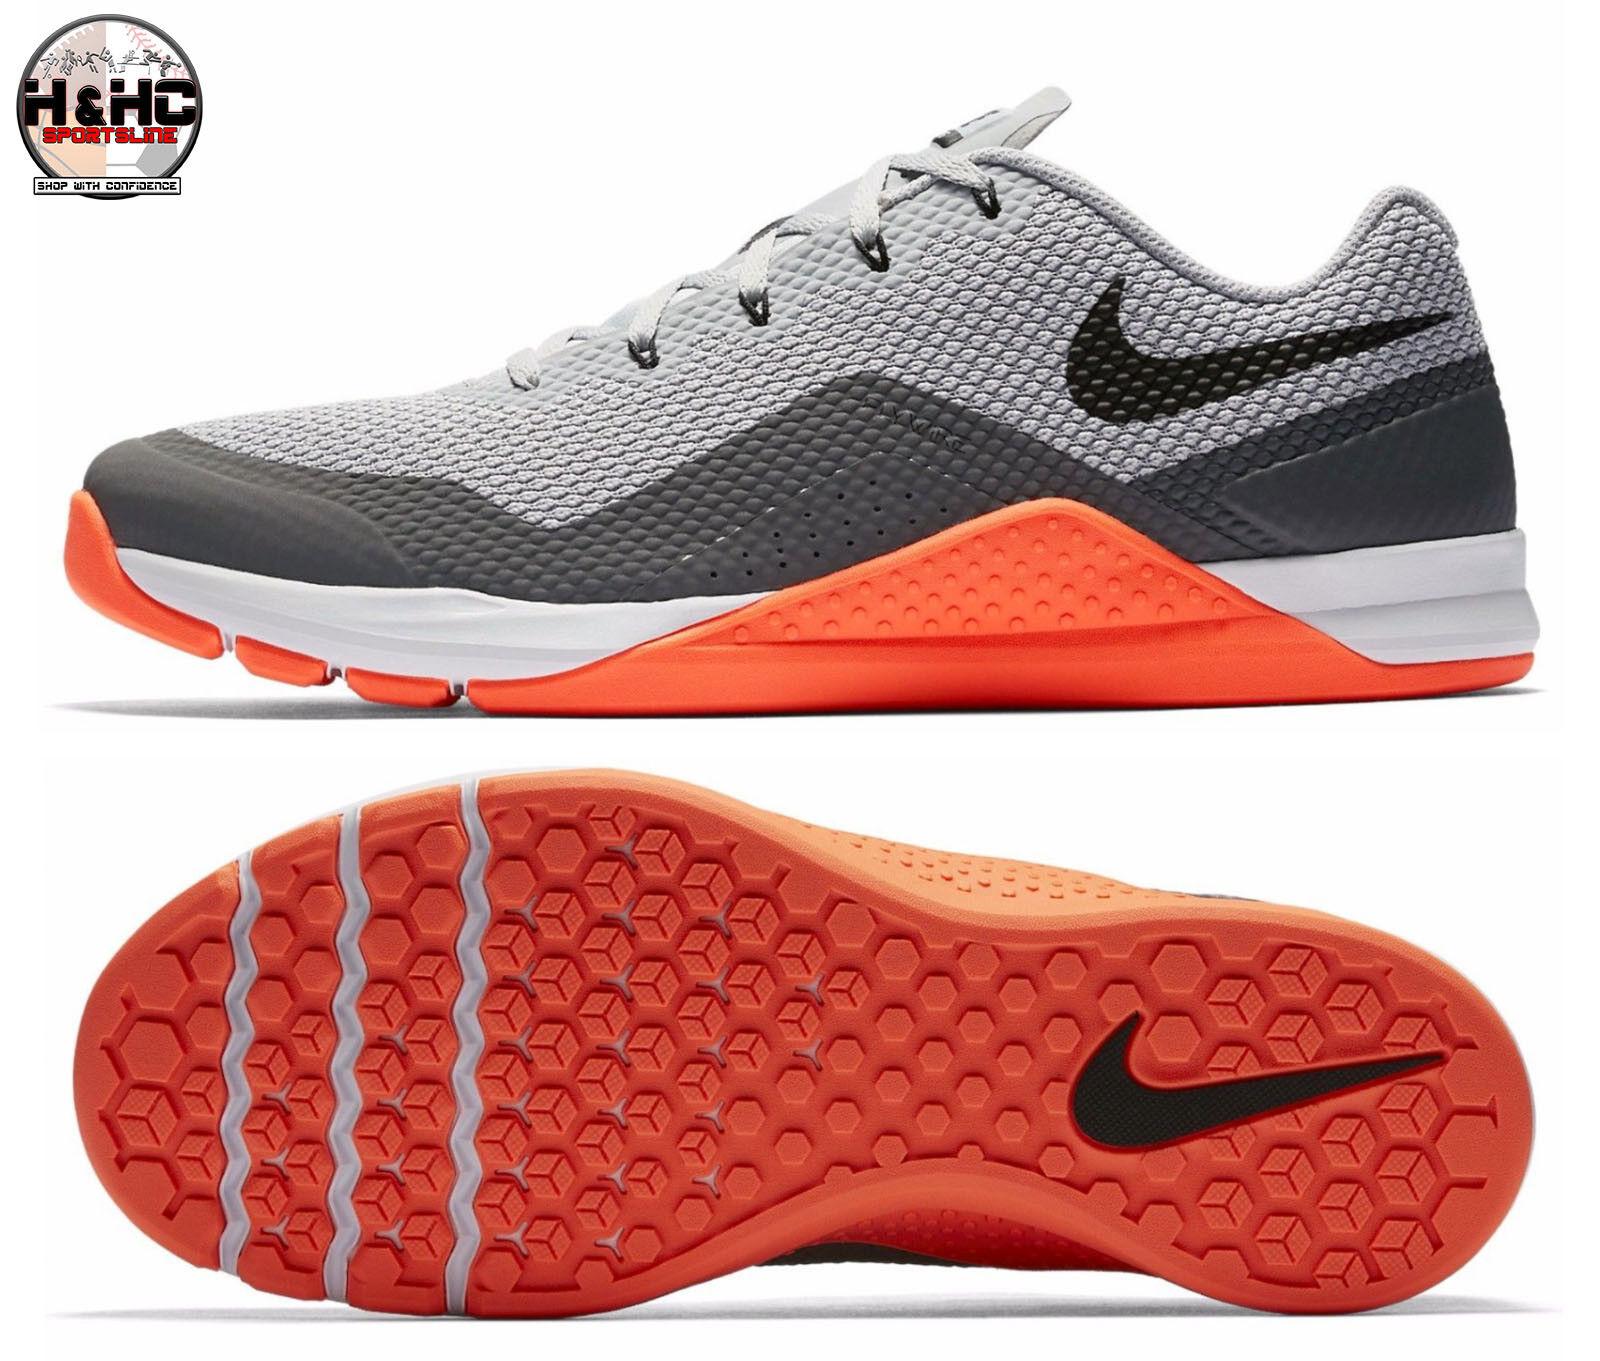 Nike metcon repper dsx 898048 006 grigio / nero crimson uomini di formazione scarpe sz 14